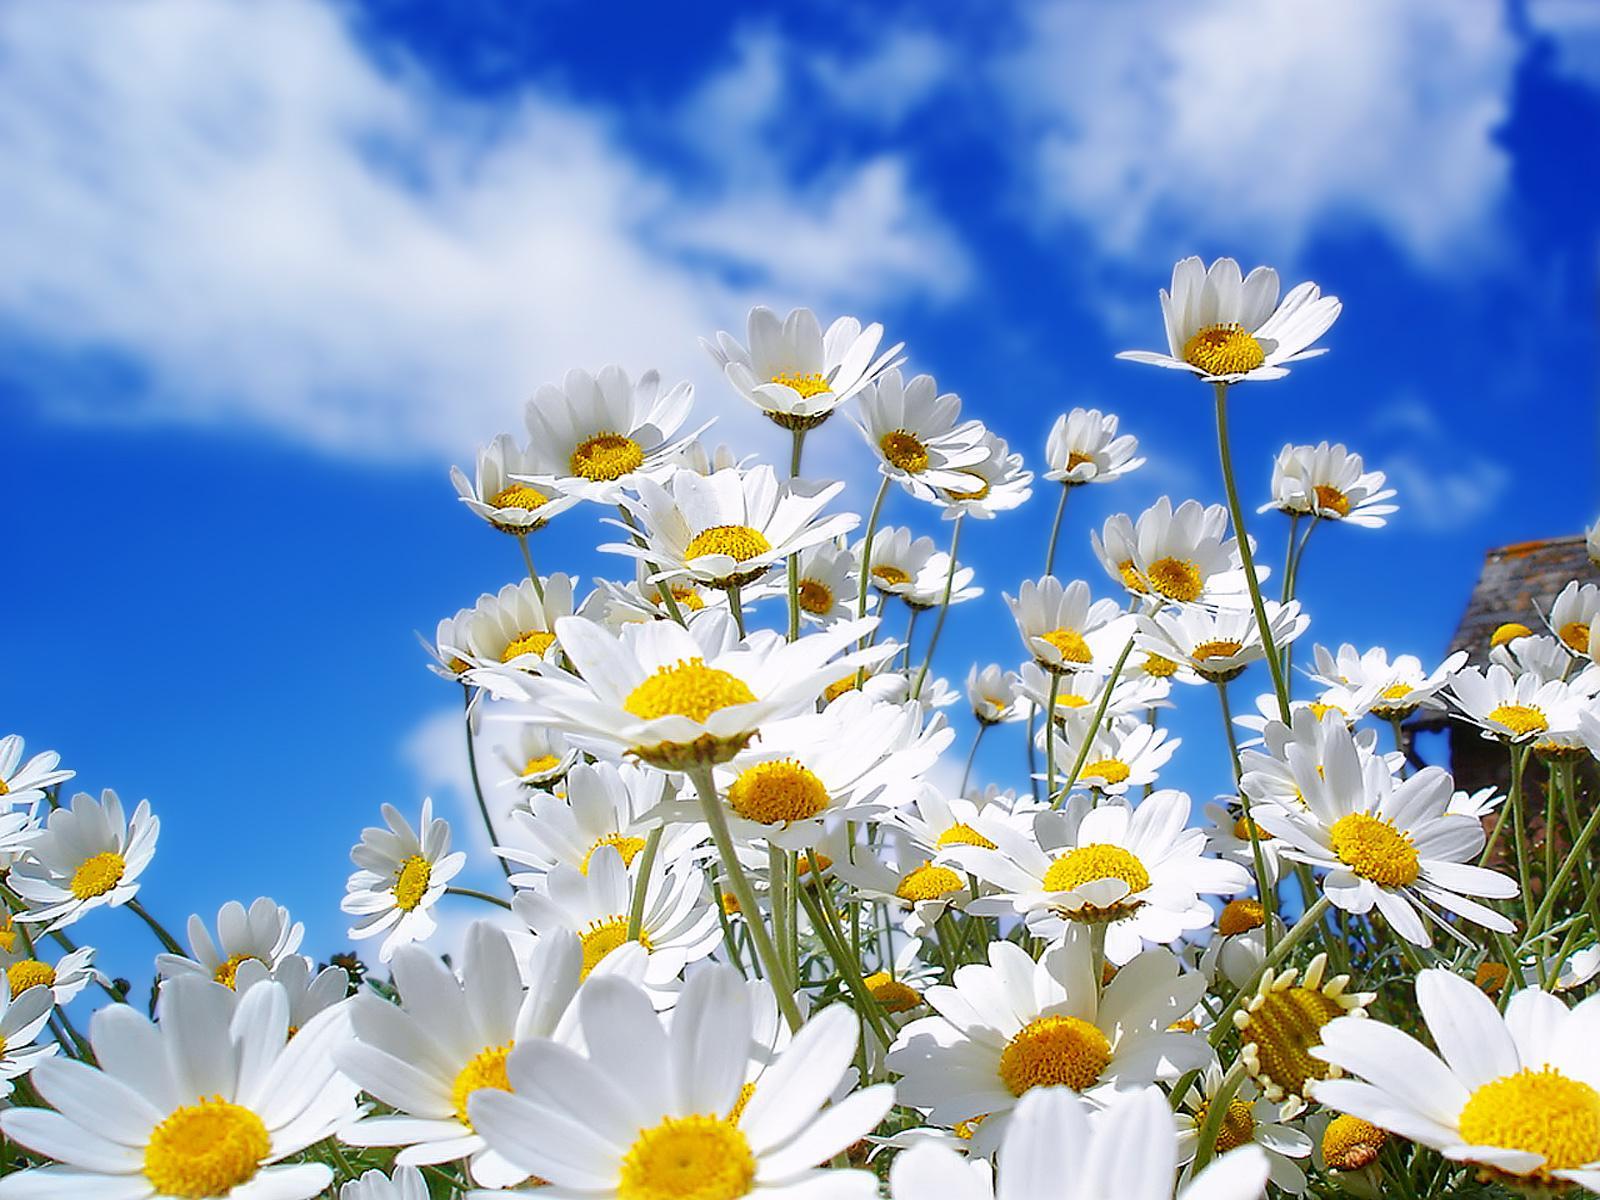 Spring Daisy Wallpaper